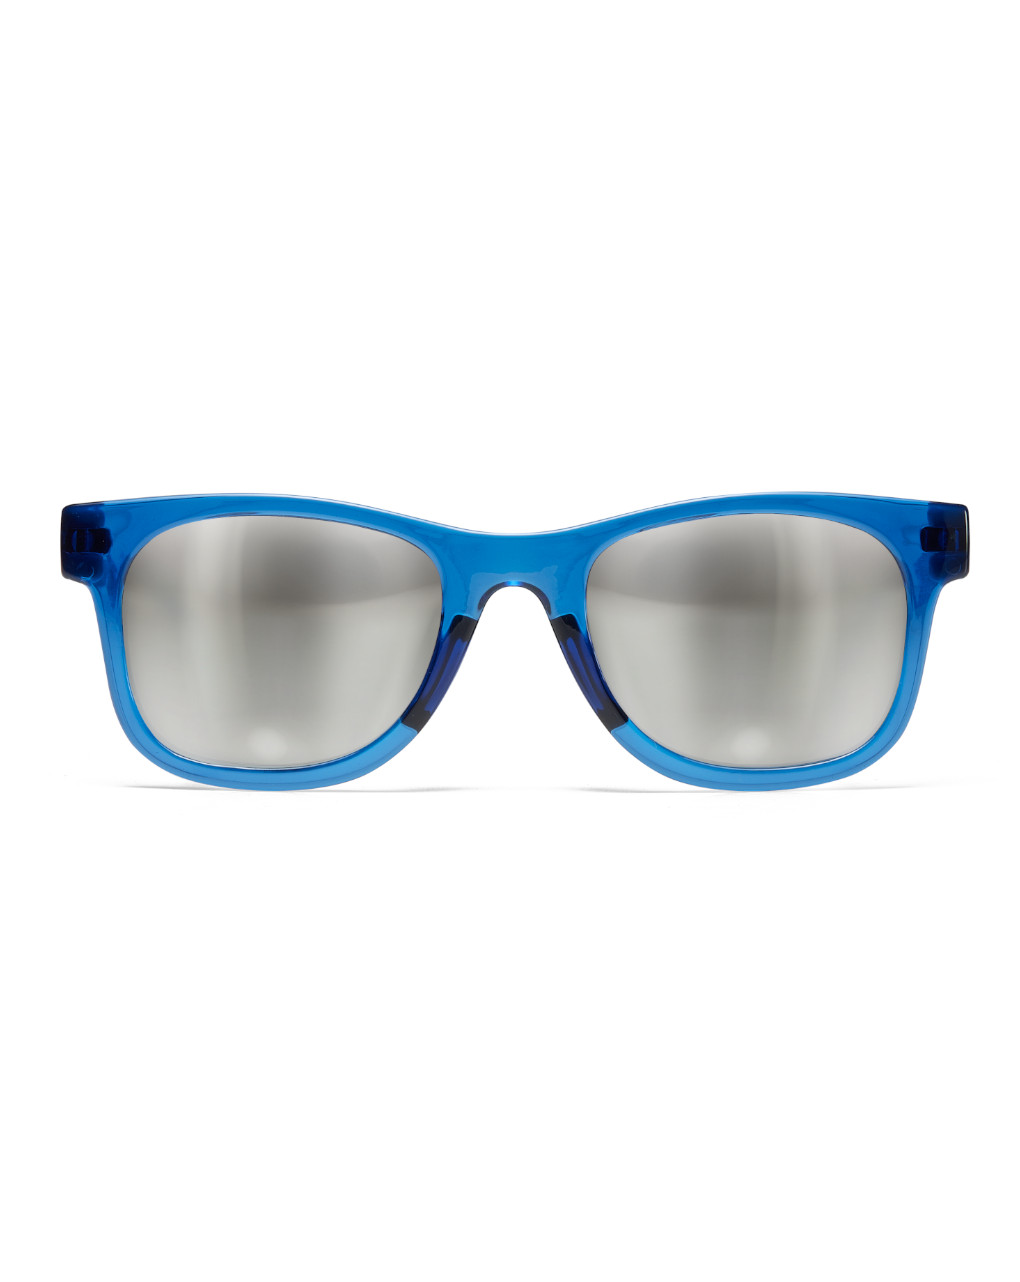 Occhiale specchio 24m+ bimbo - Chicco